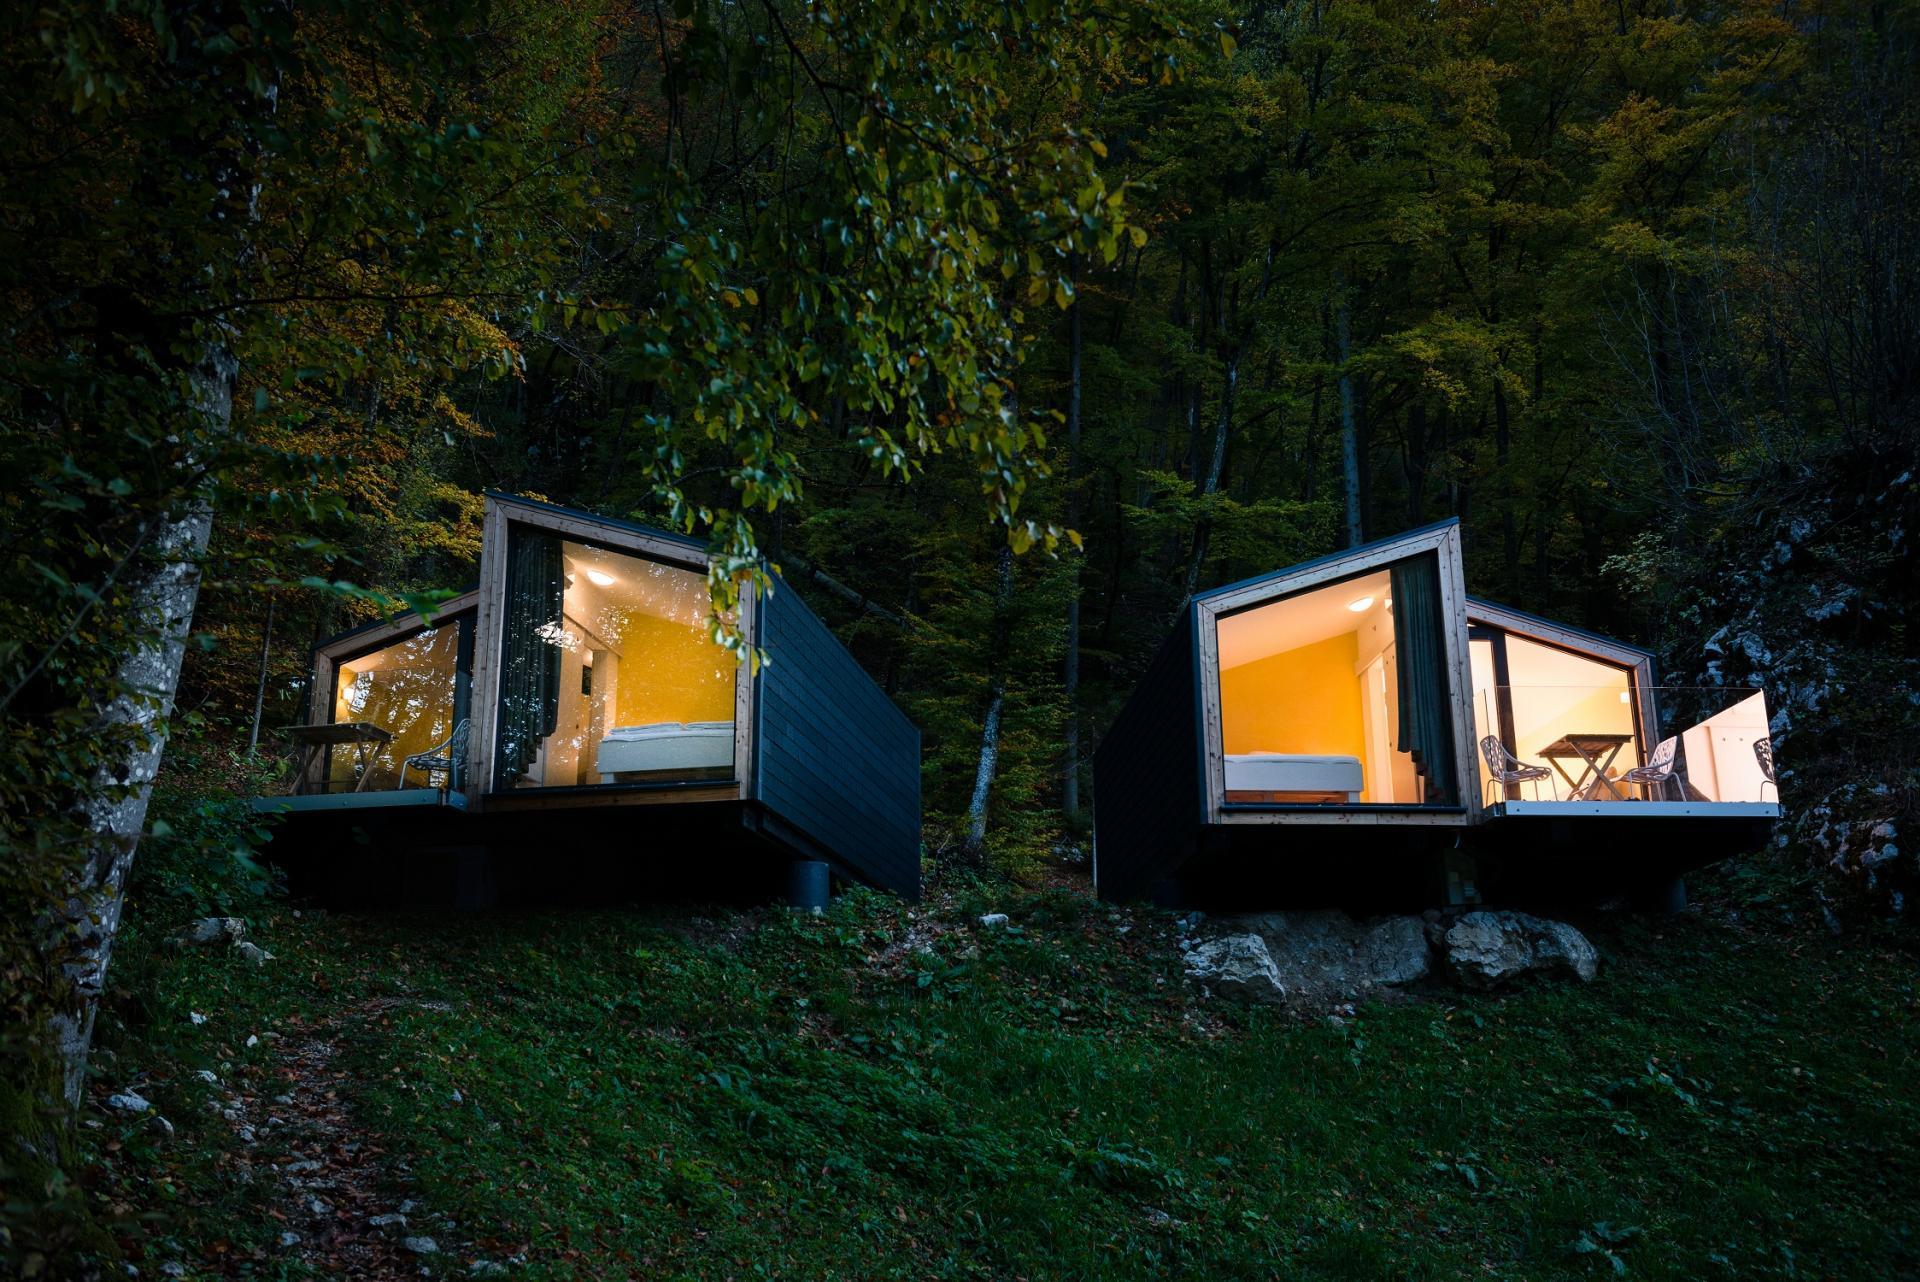 Mini Chalet En Bois - Une maison préfabriquéeécologique en bois la mini maison com